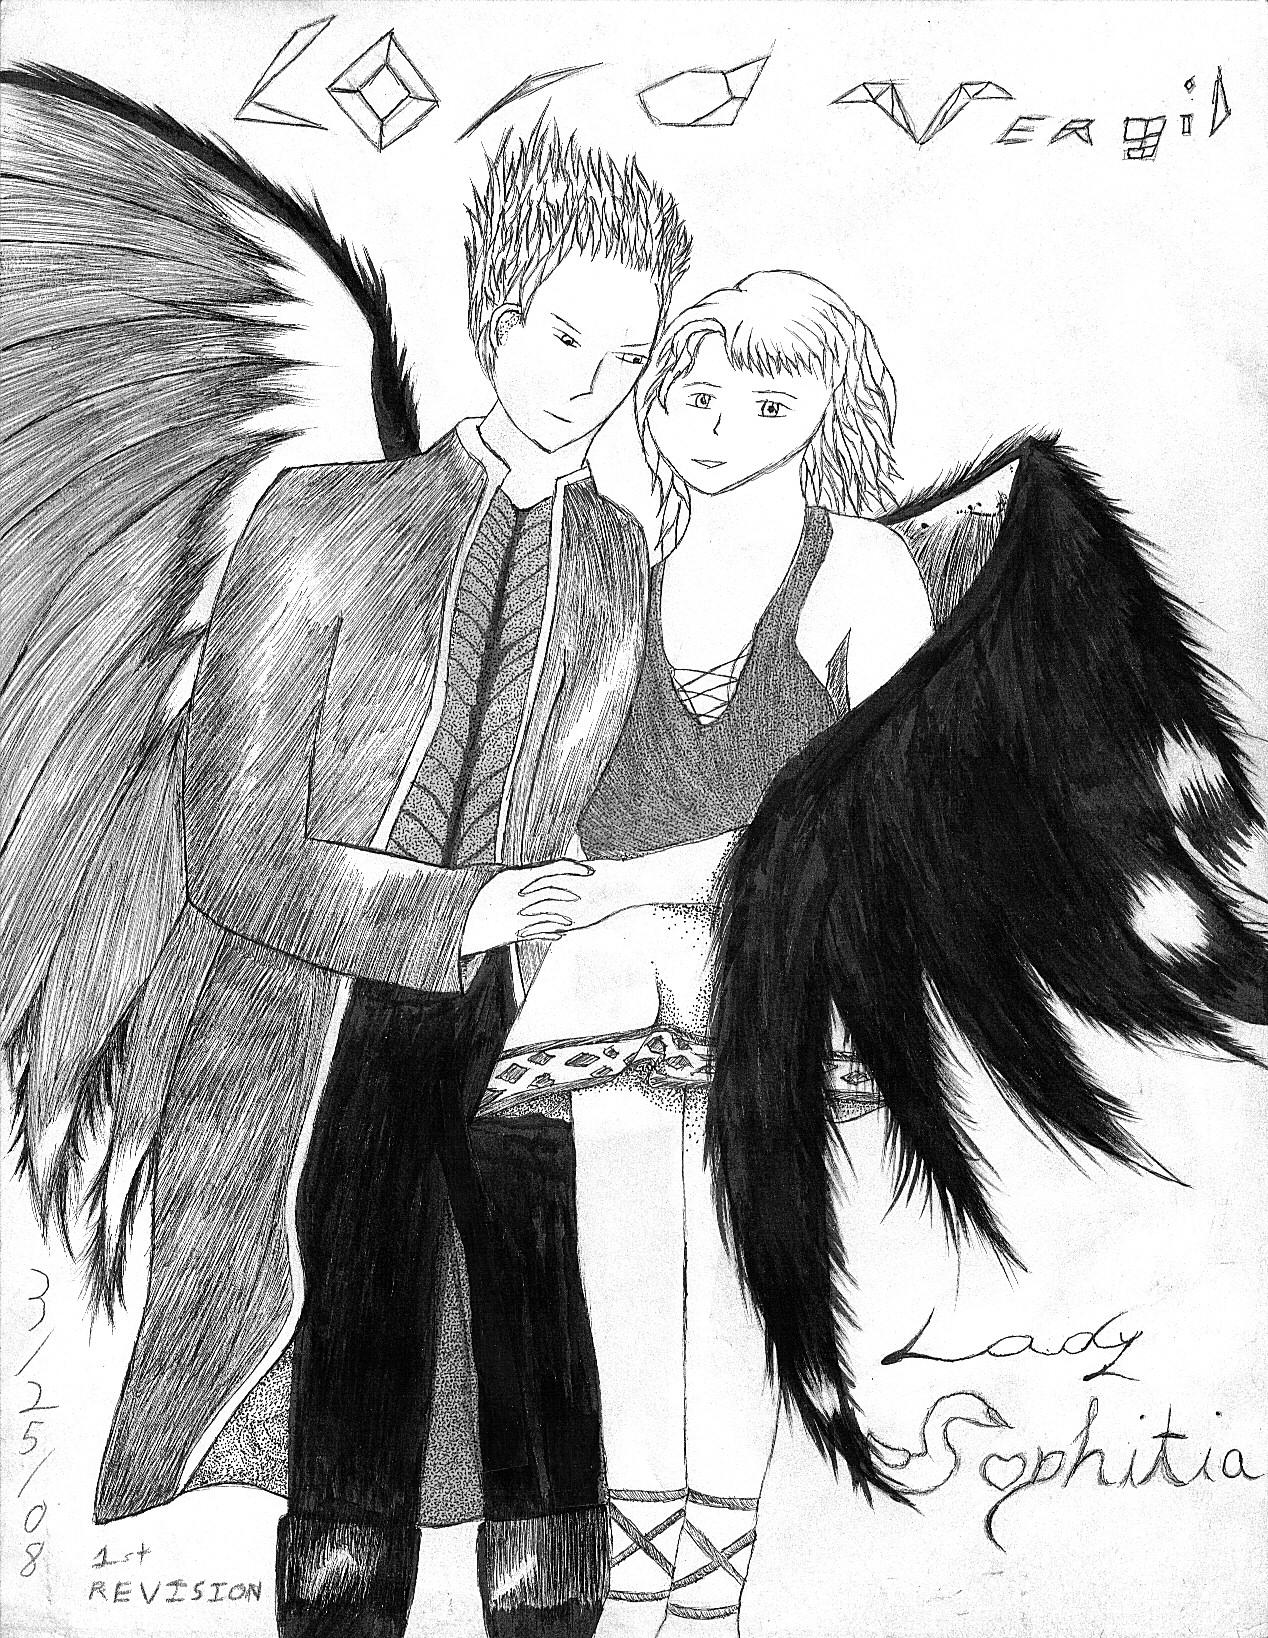 Vergil & Sophitia by Evil_Xero